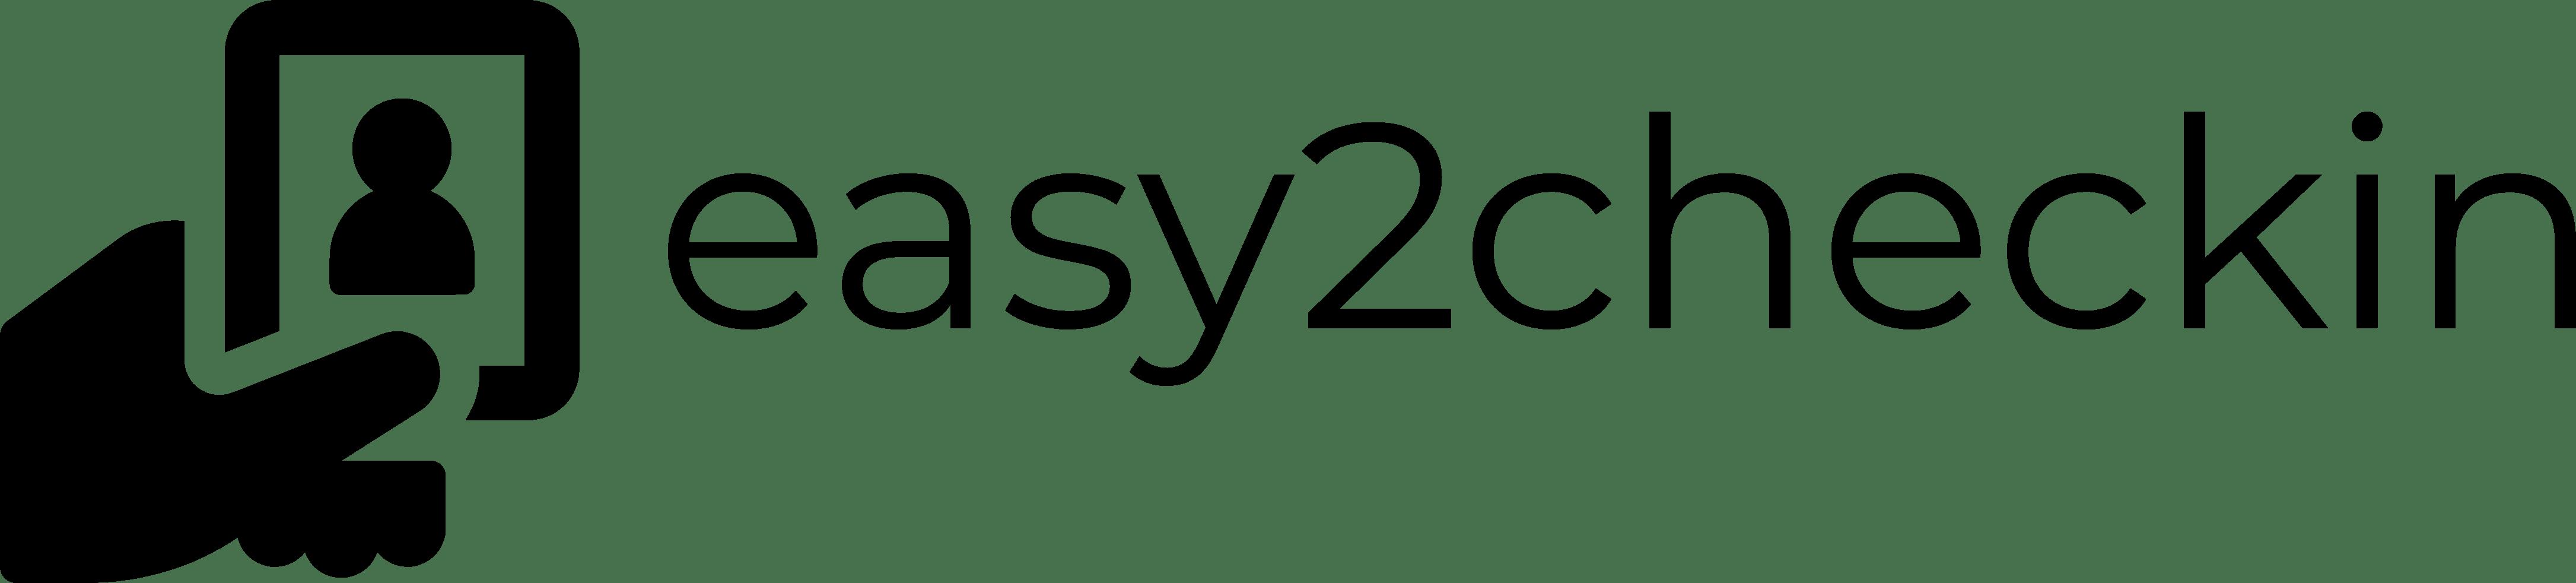 easy2checkin-logo